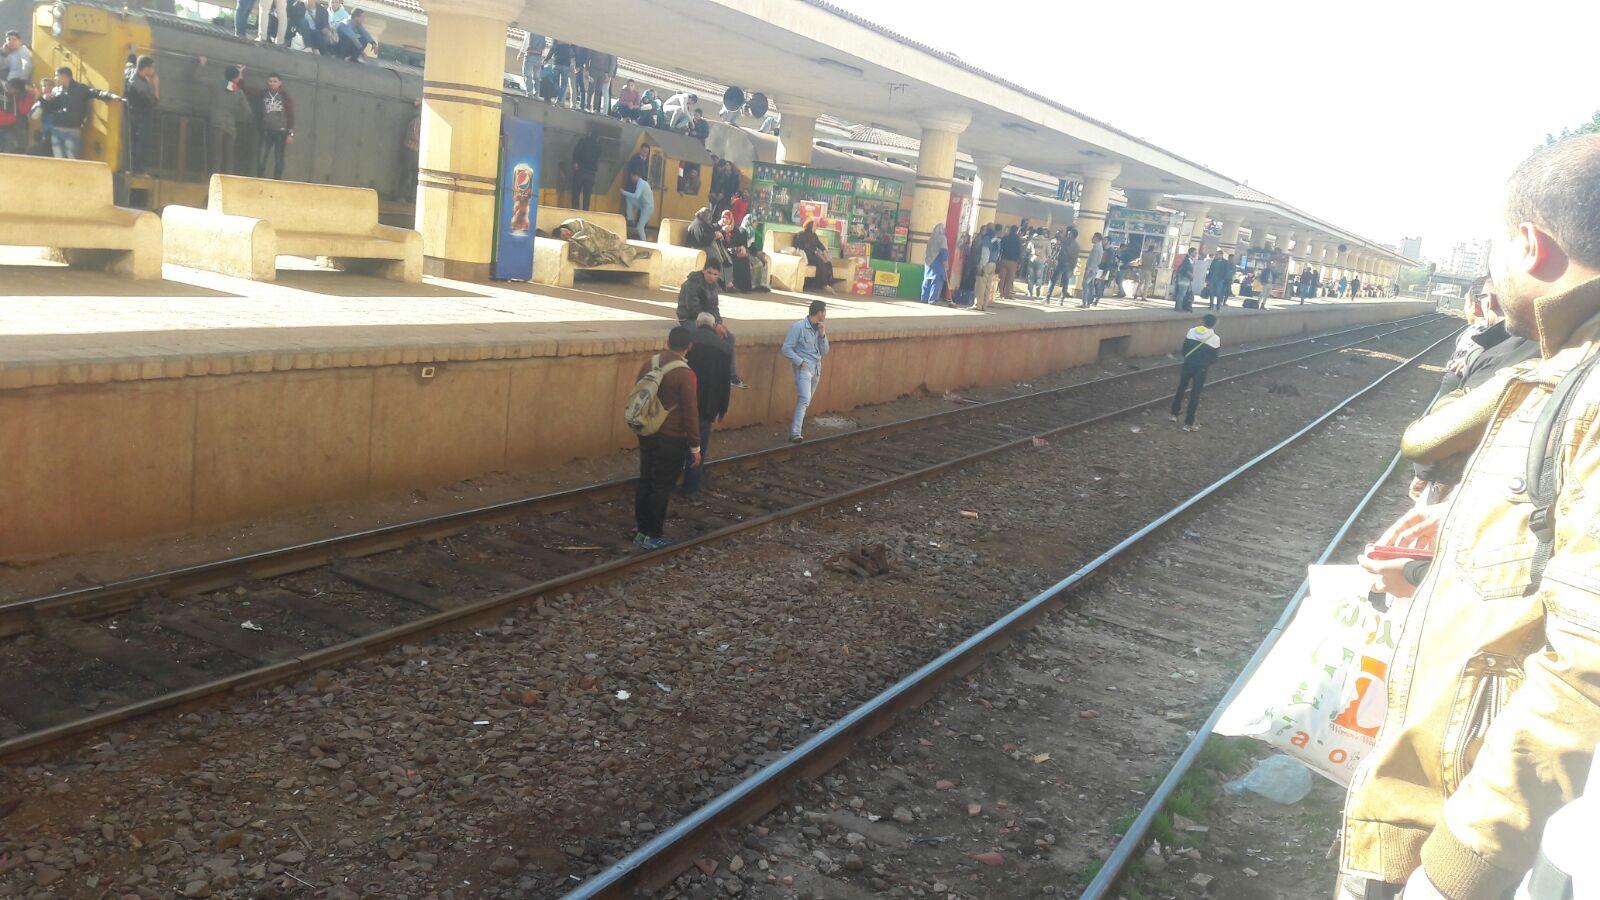 فوضى بمحطة طنطا.. ركاب يواجهون القطارات على القضبان لشدة الزحام